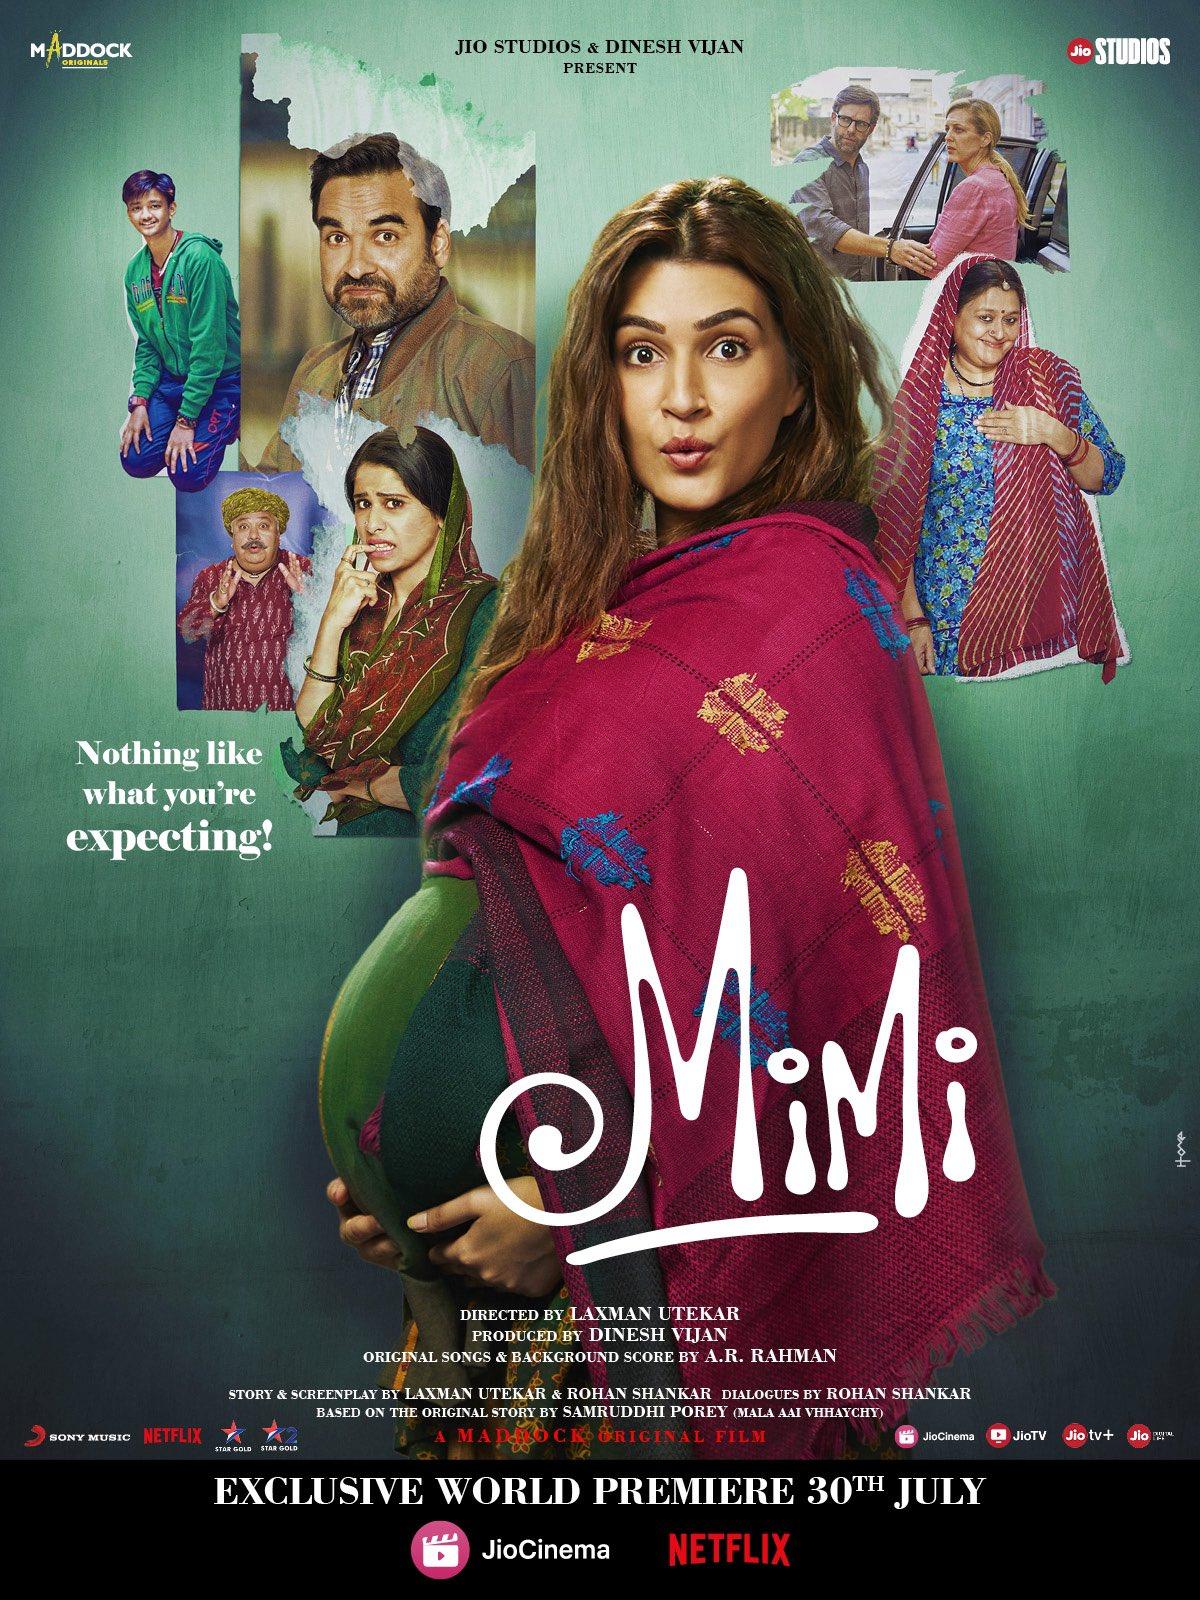 Download Mimi (2021) Hindi Full Movie 480p [300MB] | 720p [1GB] | 1080p [2GB]